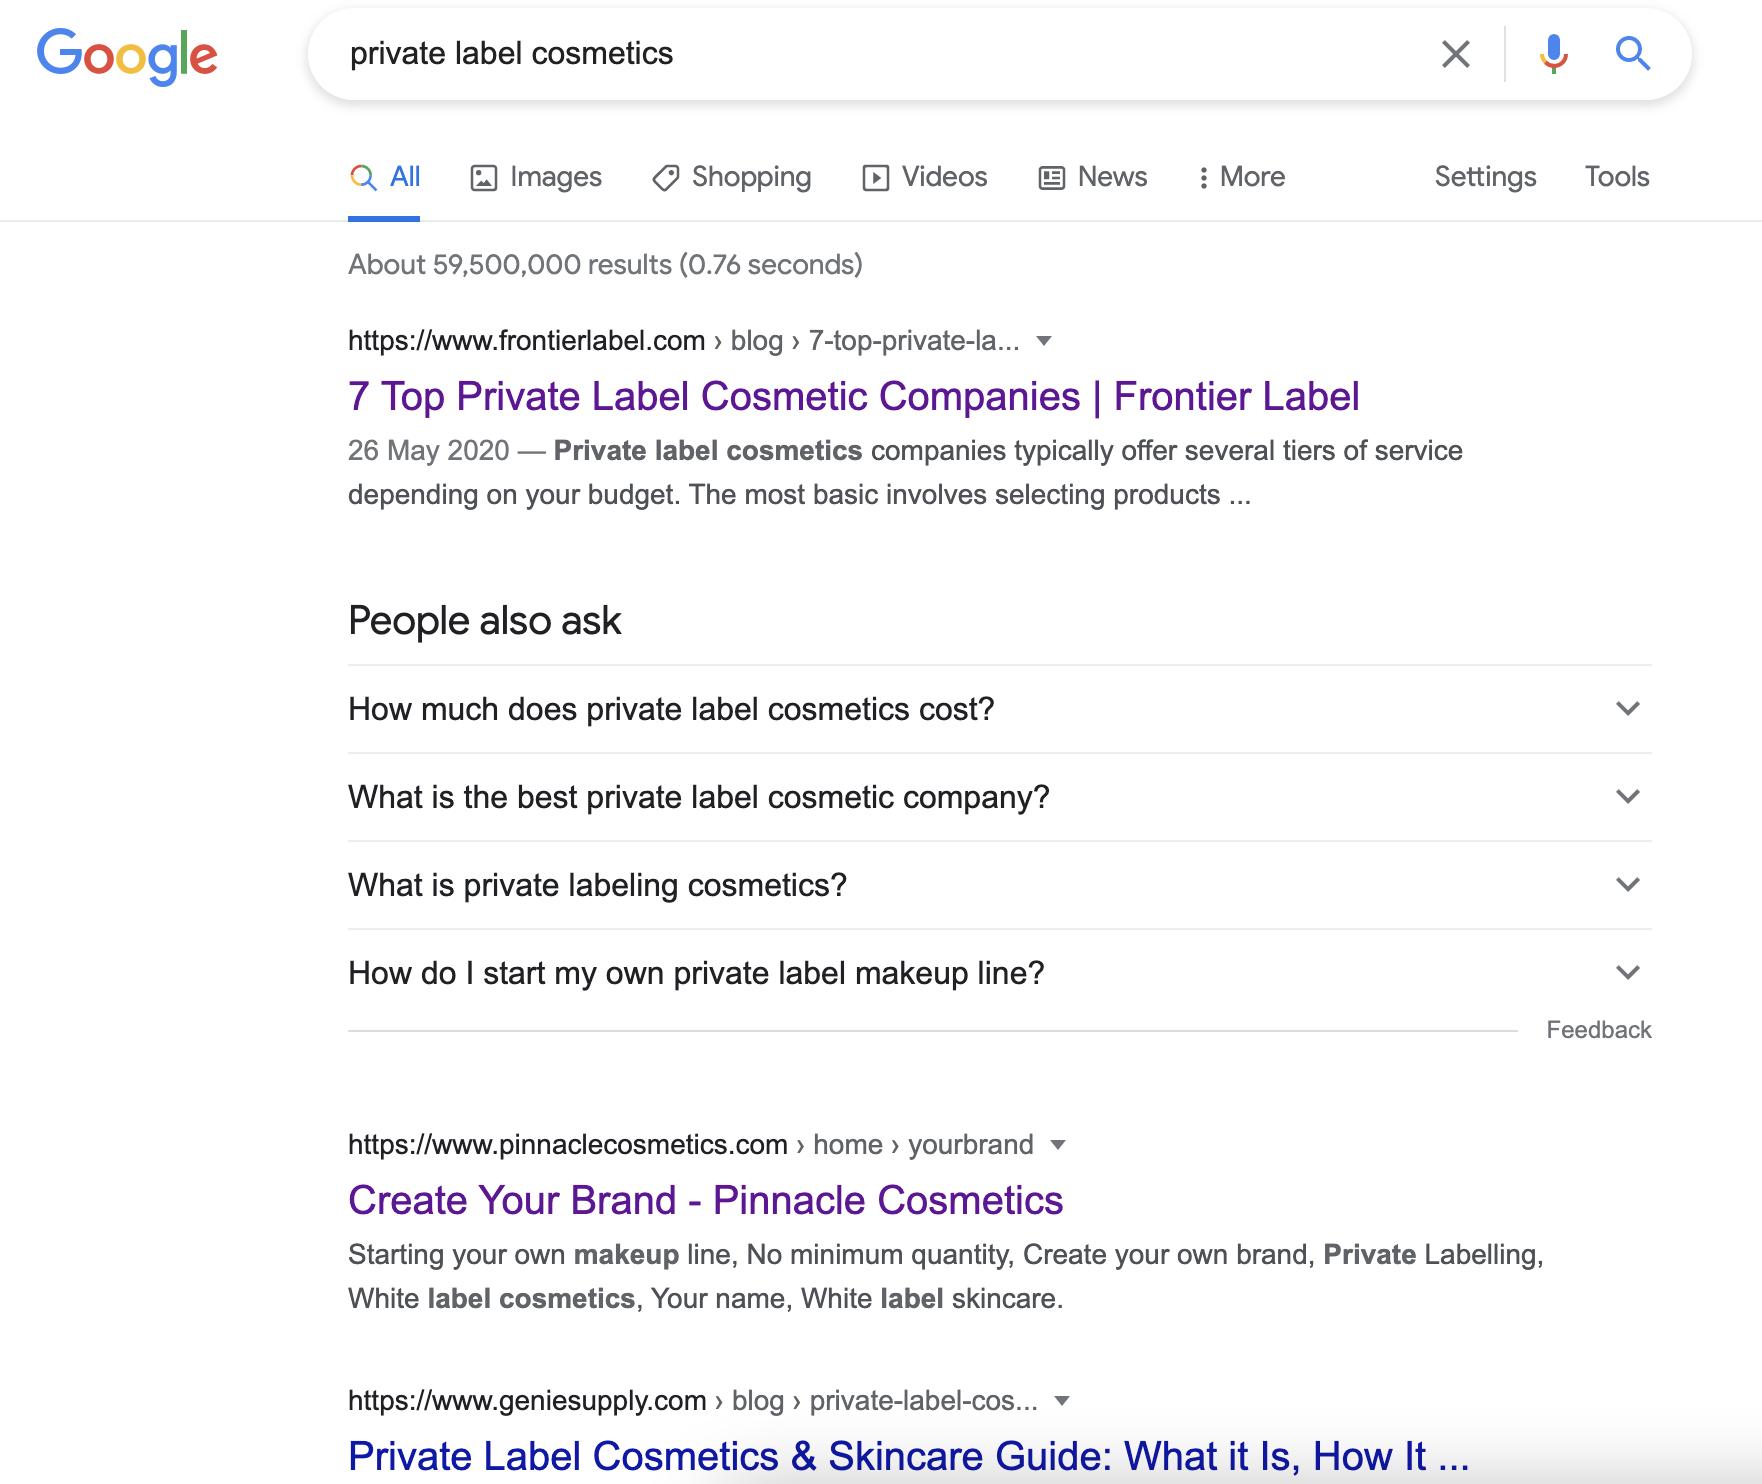 google searach for private label cosmetics